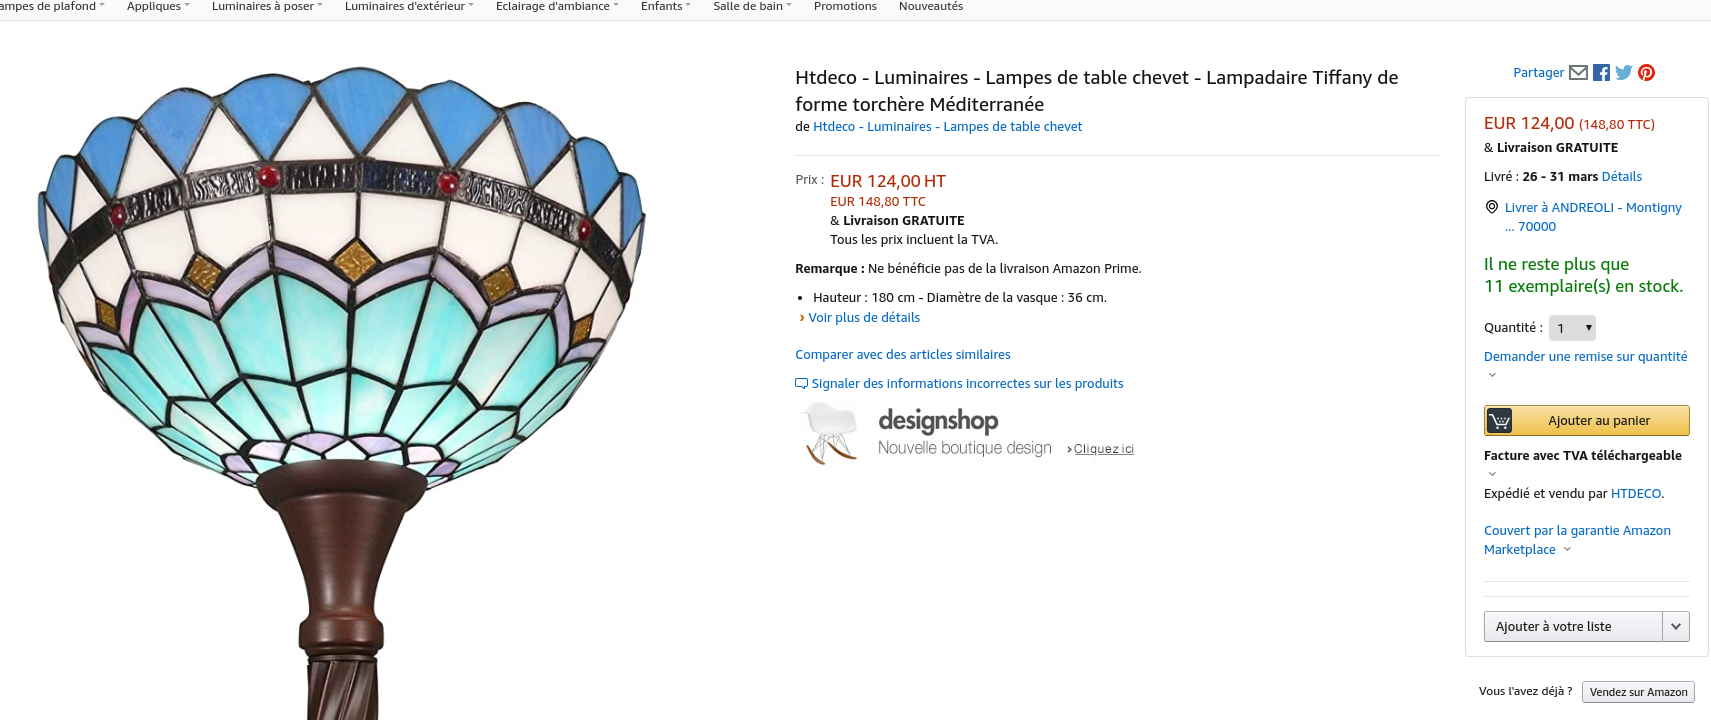 Un exemple pour commander une lampe Tiffany sur Amazon